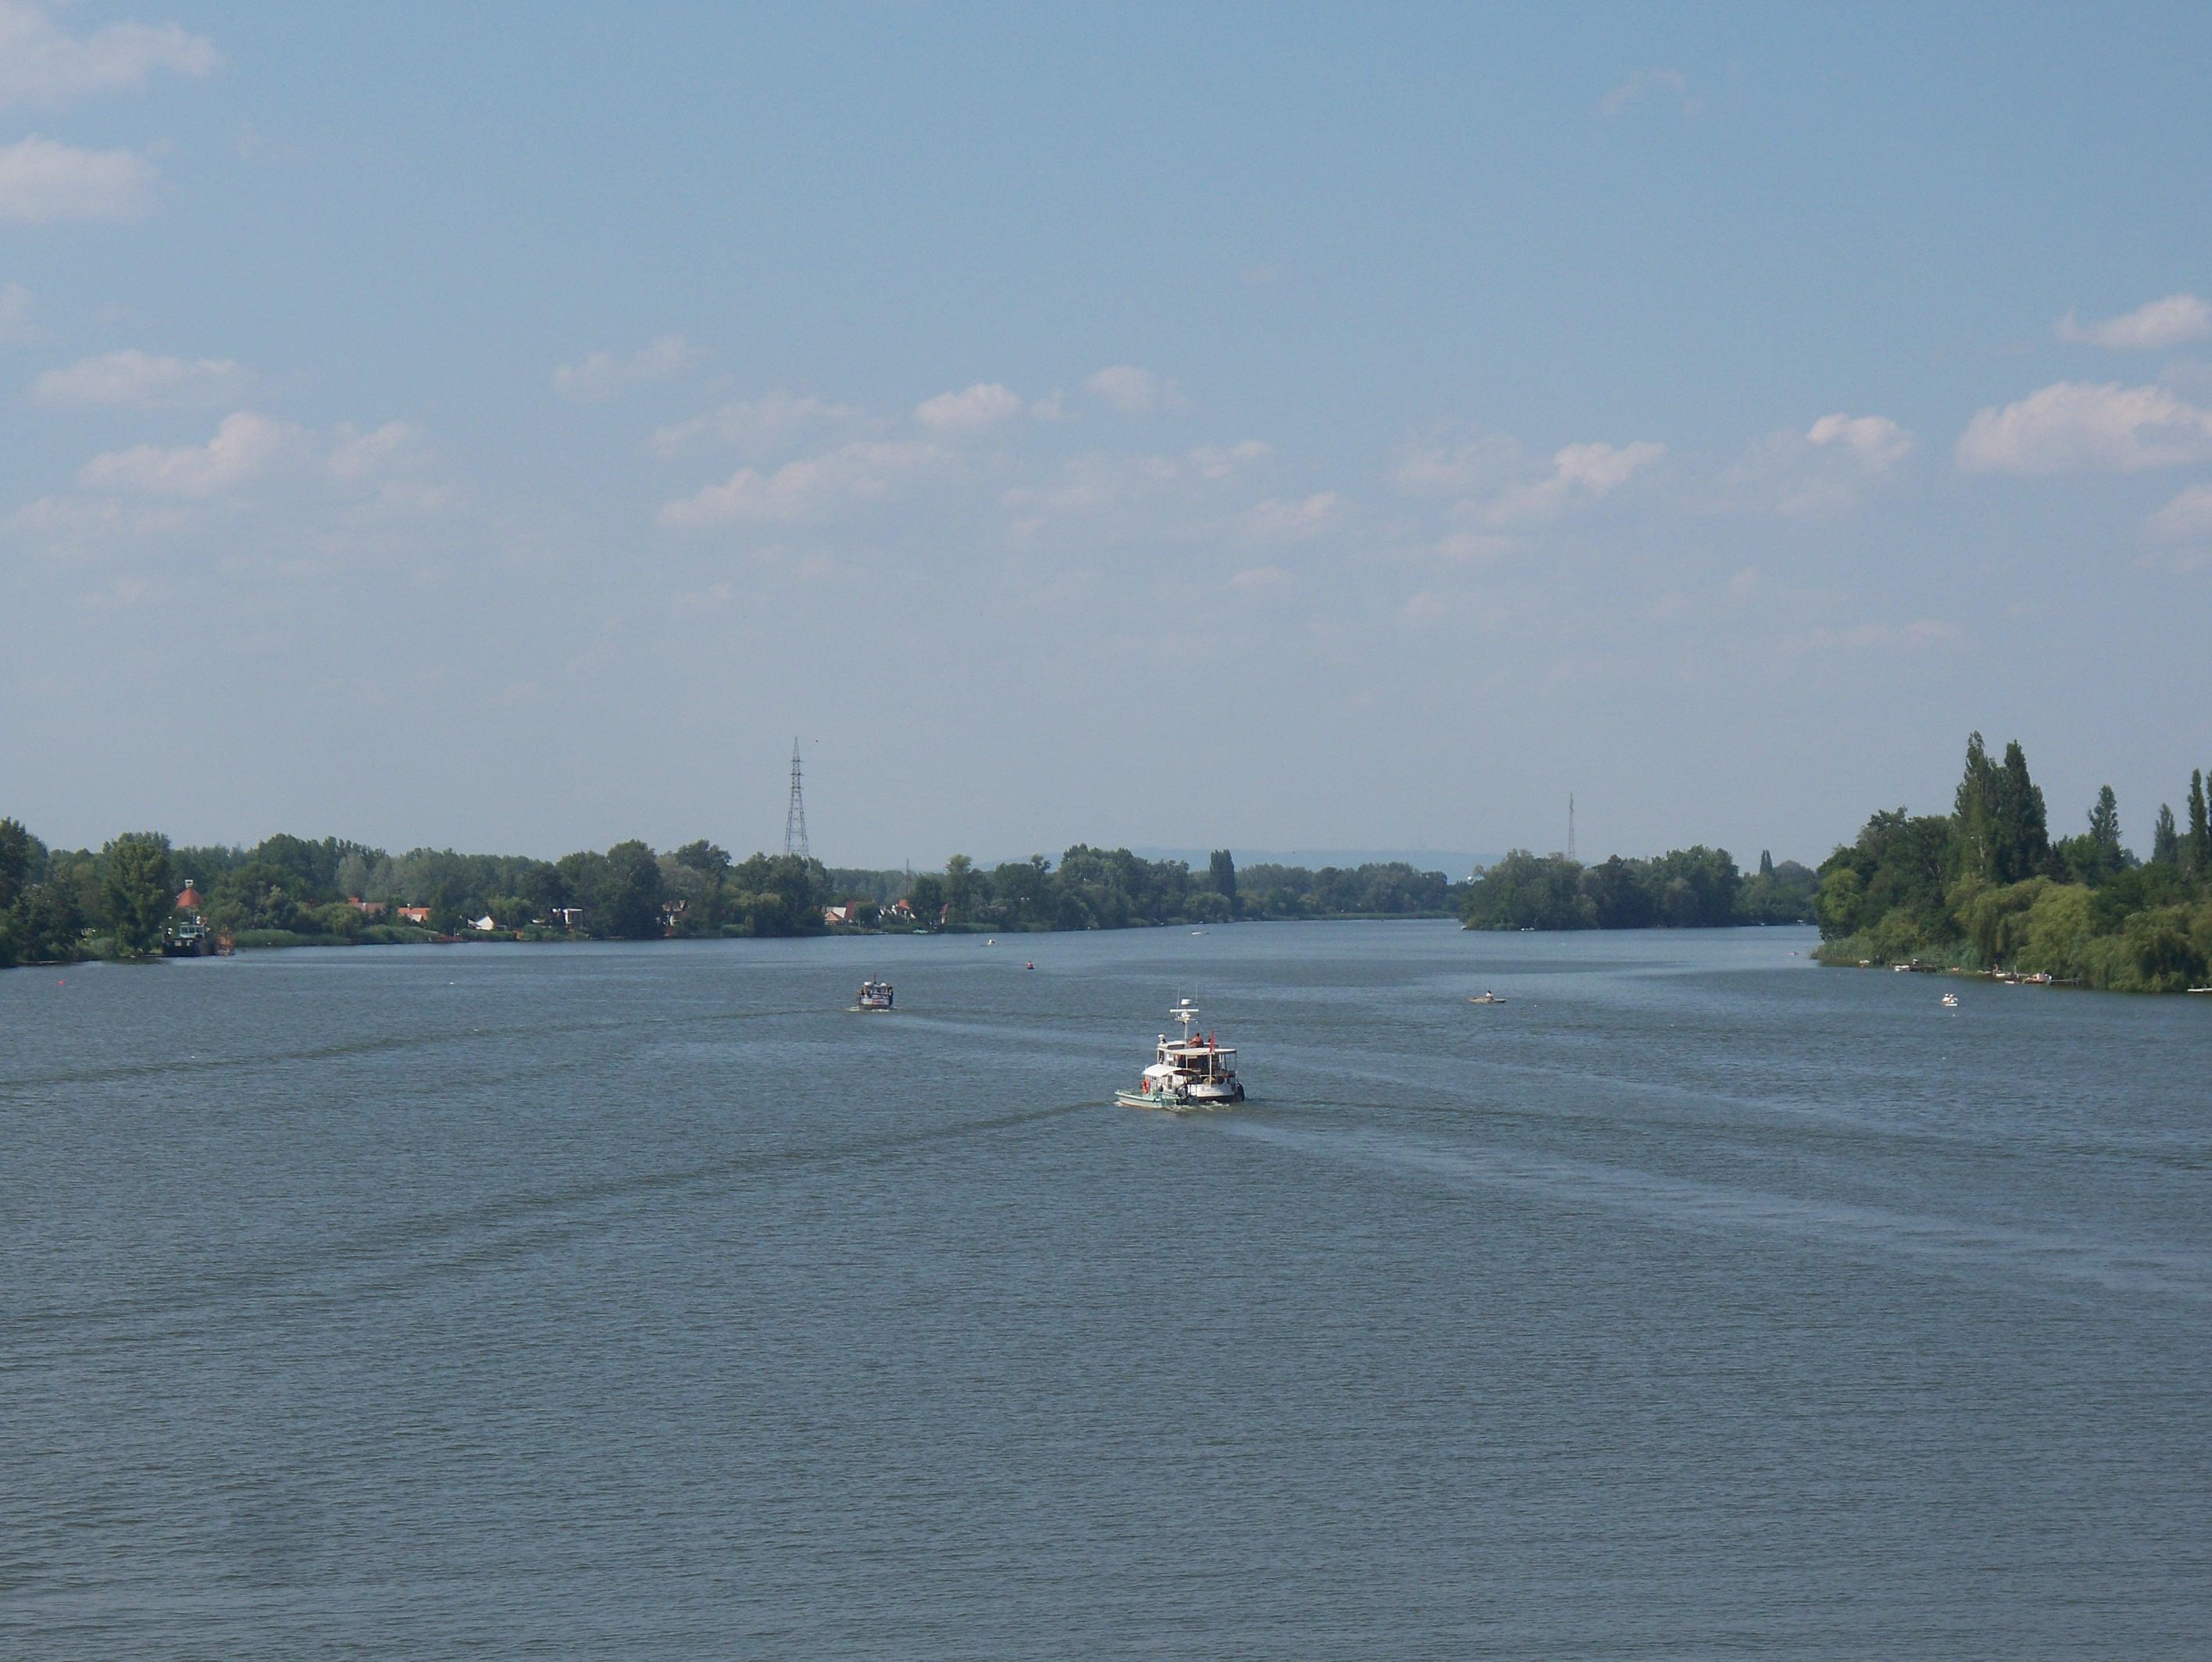 http://www.kisdunainagyhajok.hu/egyebhajok/2012_06_24_biene_es_maritime_hajok_egyuttallasa/2012_06_24_biene_es_maritime_hajok_egyuttallasa_011.jpg